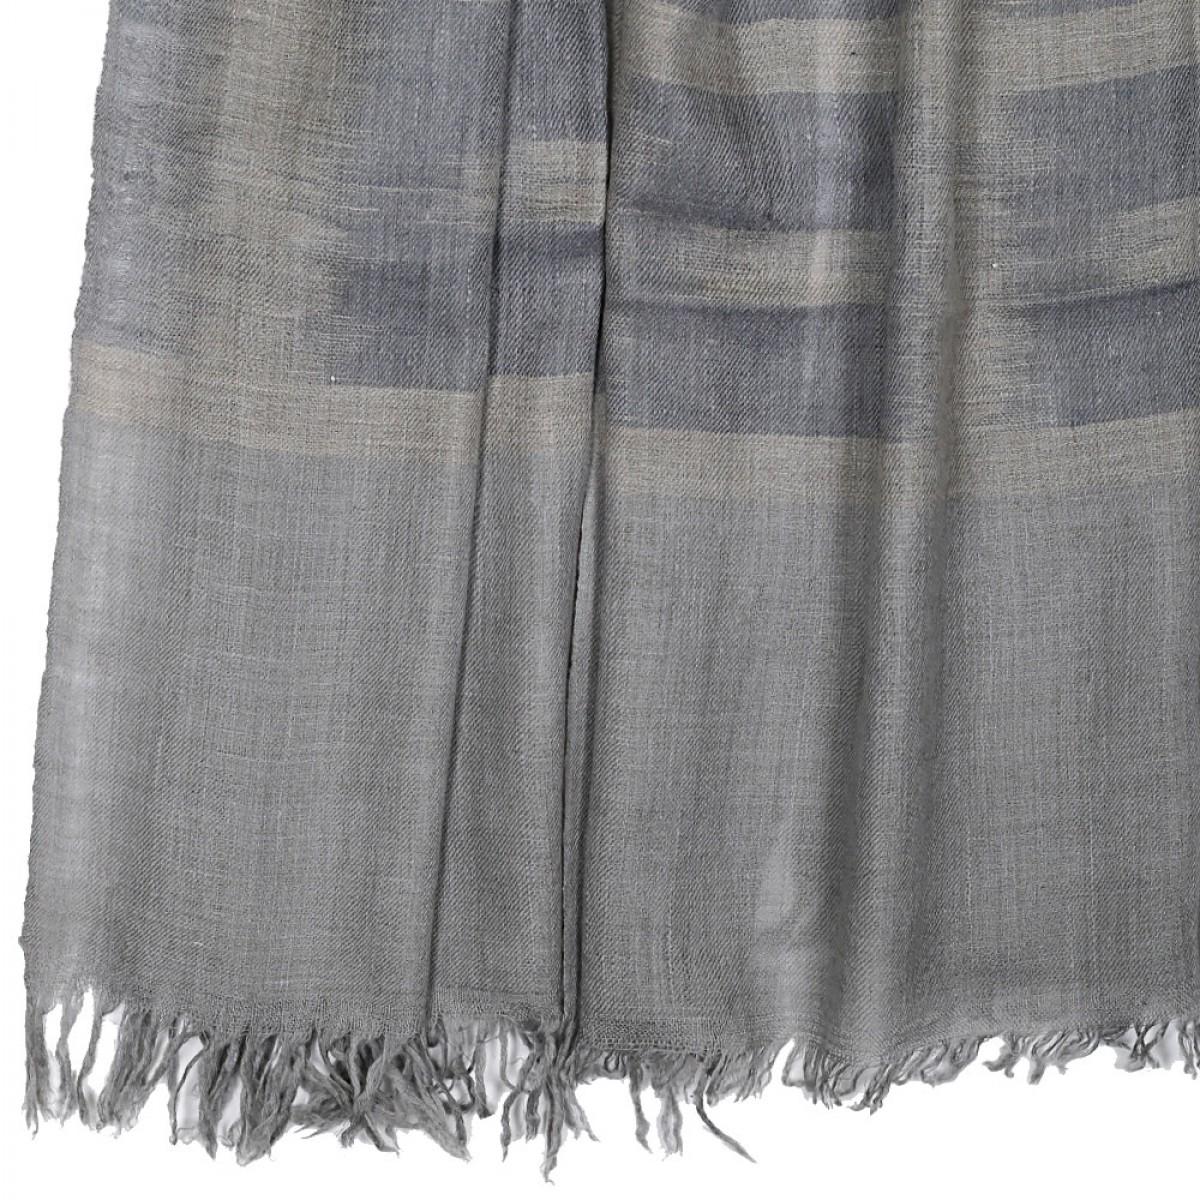 Ikat Pashmina Scarf - Light Grey